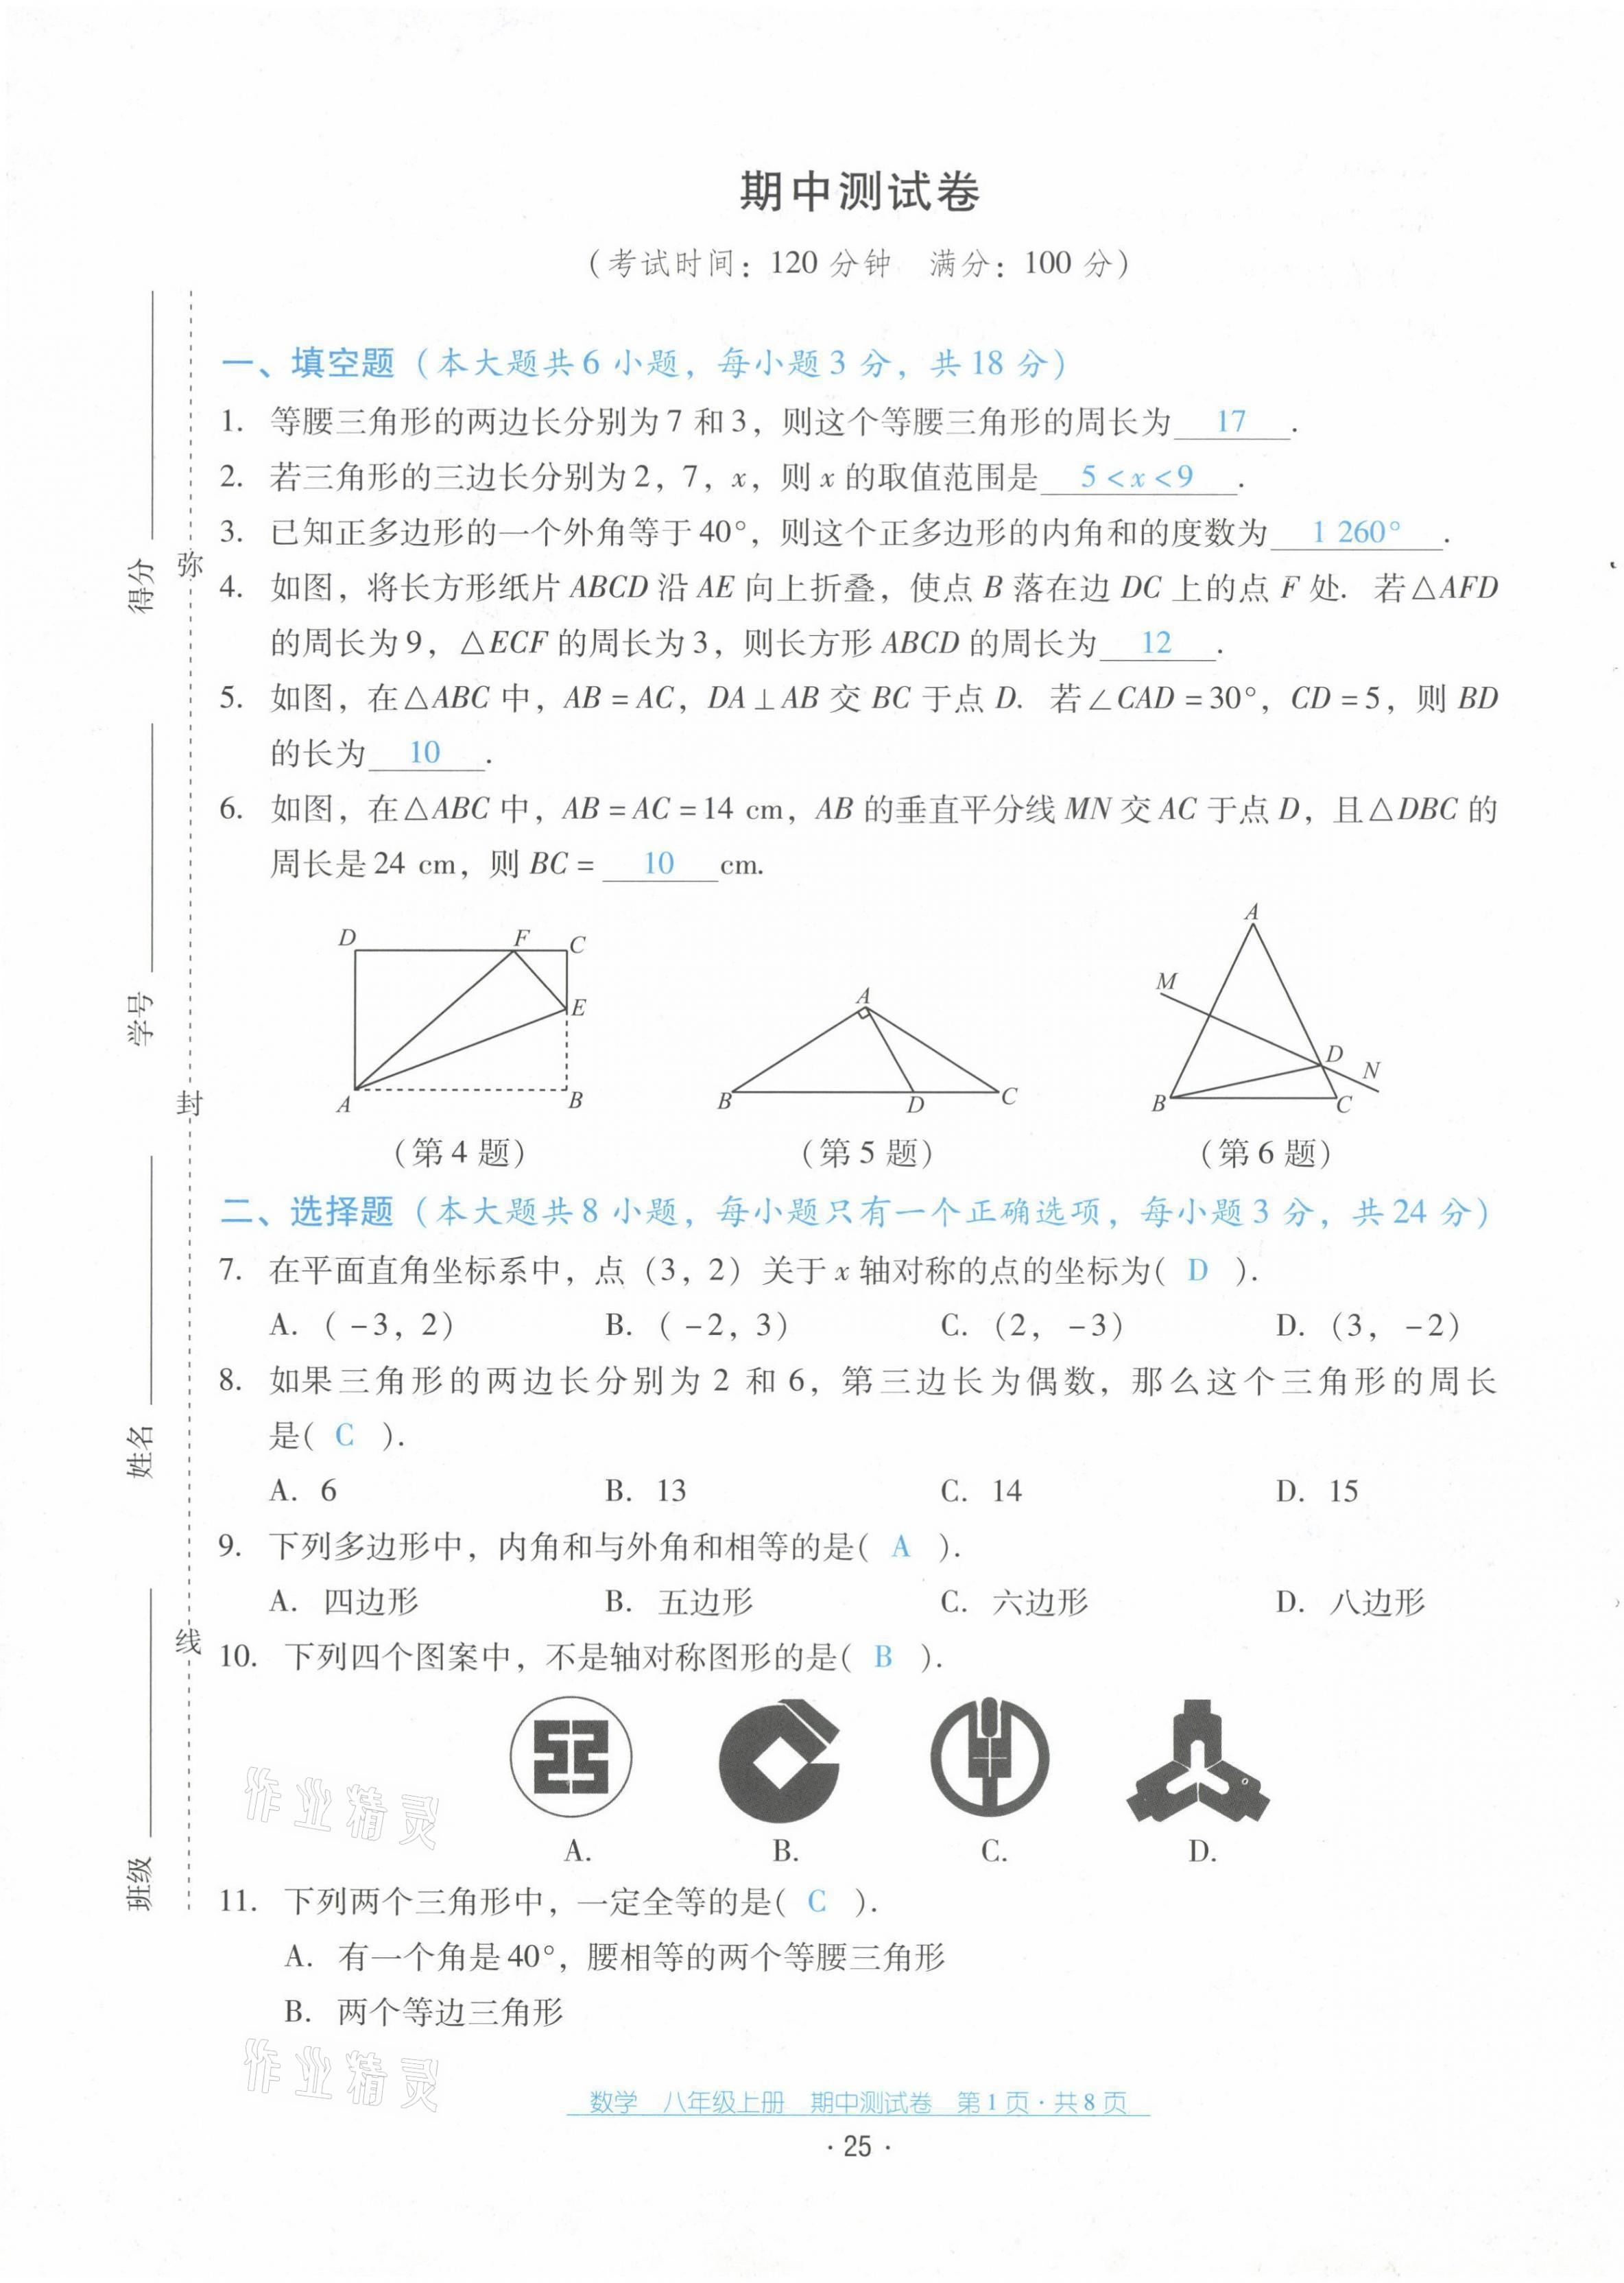 2021年云南省标准教辅优佳学案配套测试卷八年级数学上册人教版第25页